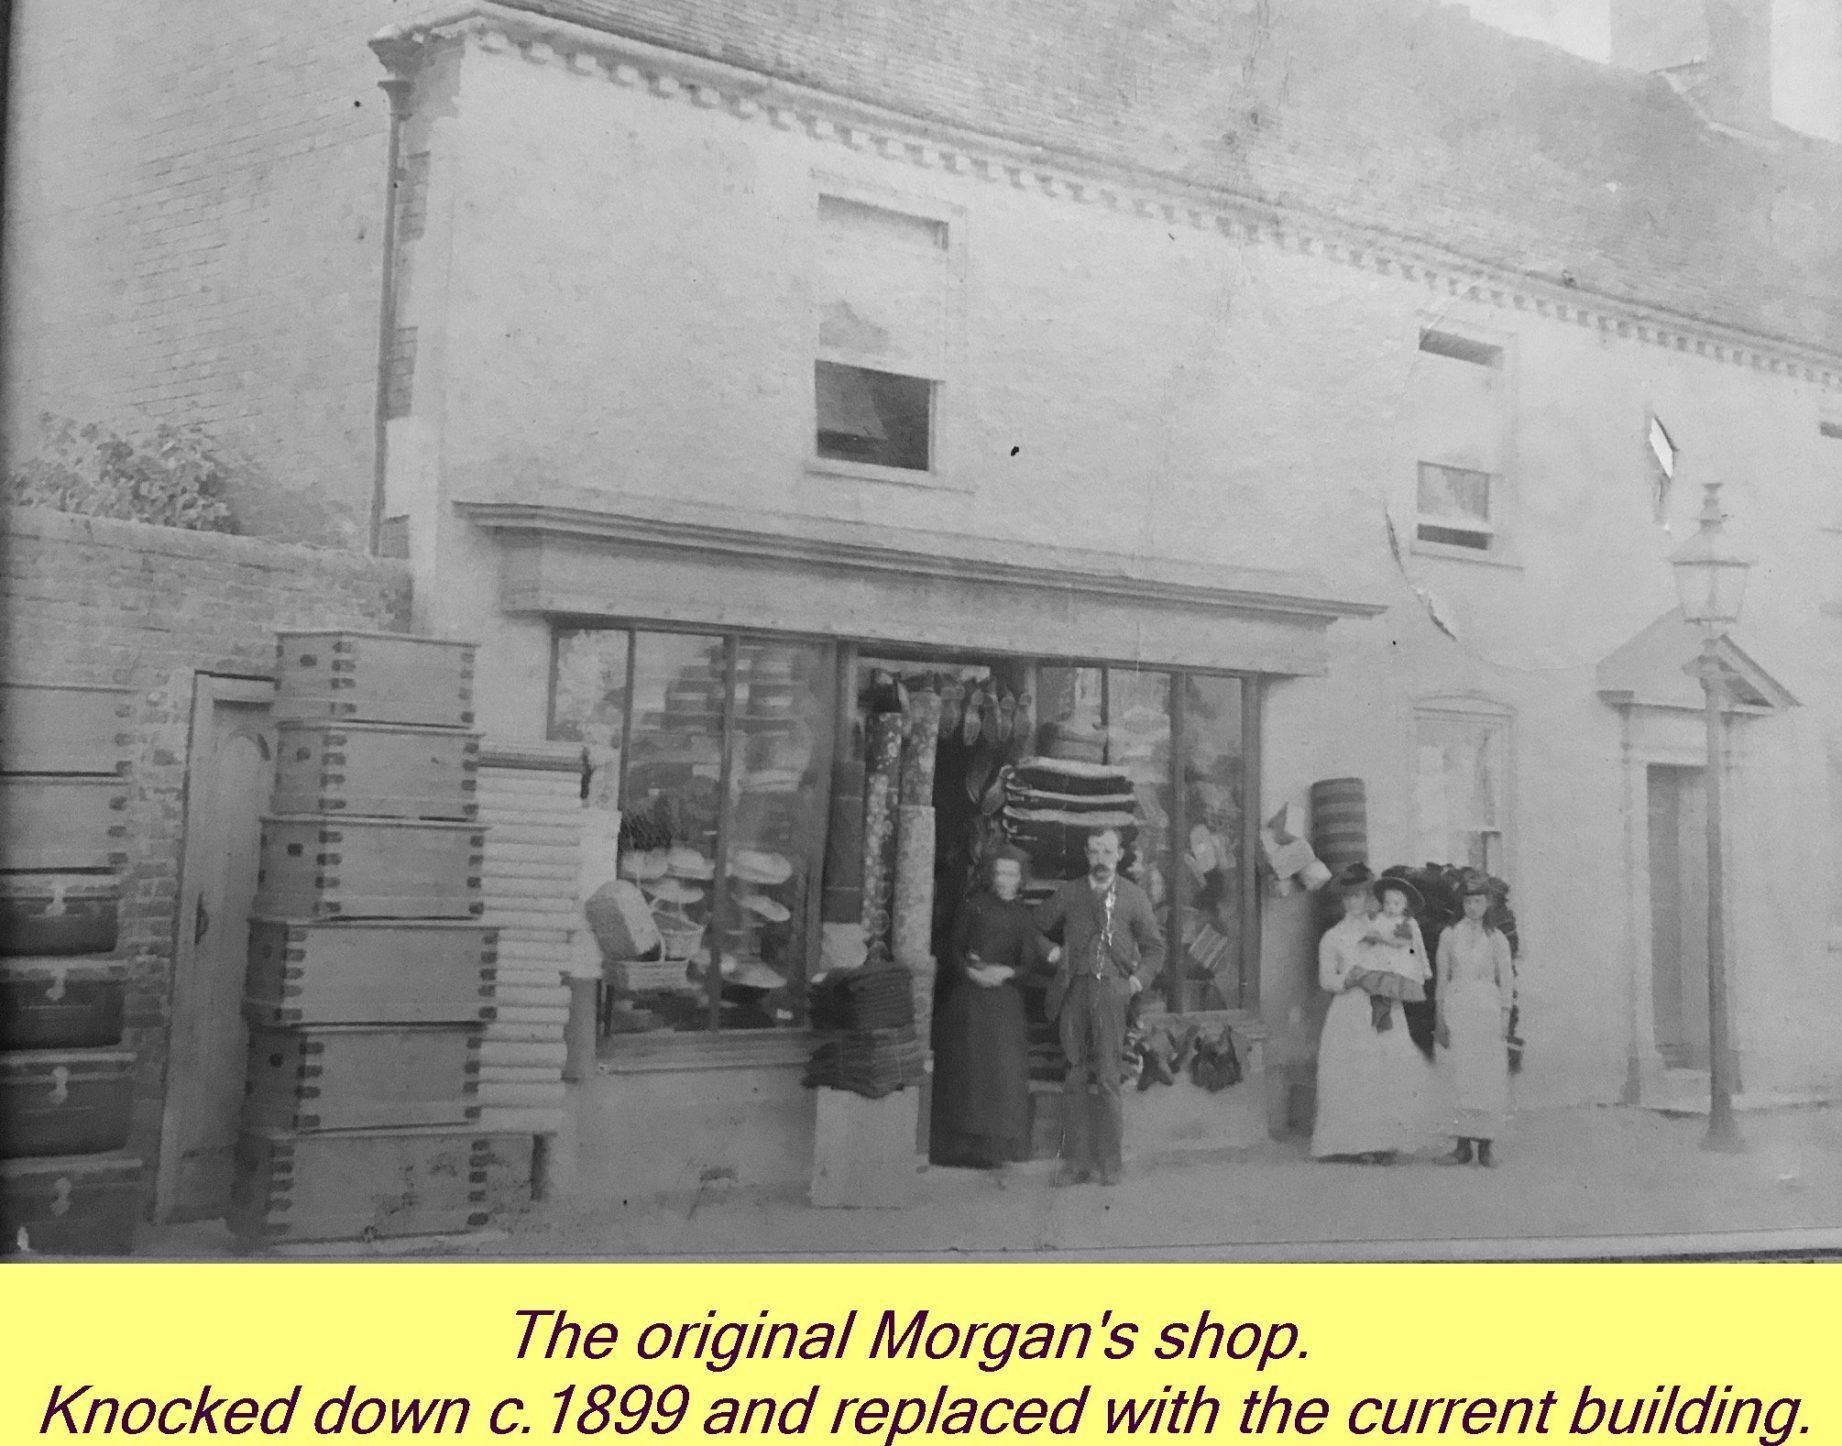 WESTBOURNE HISTORY PHOTO, MORGAN, SHOP, ORIGINAL